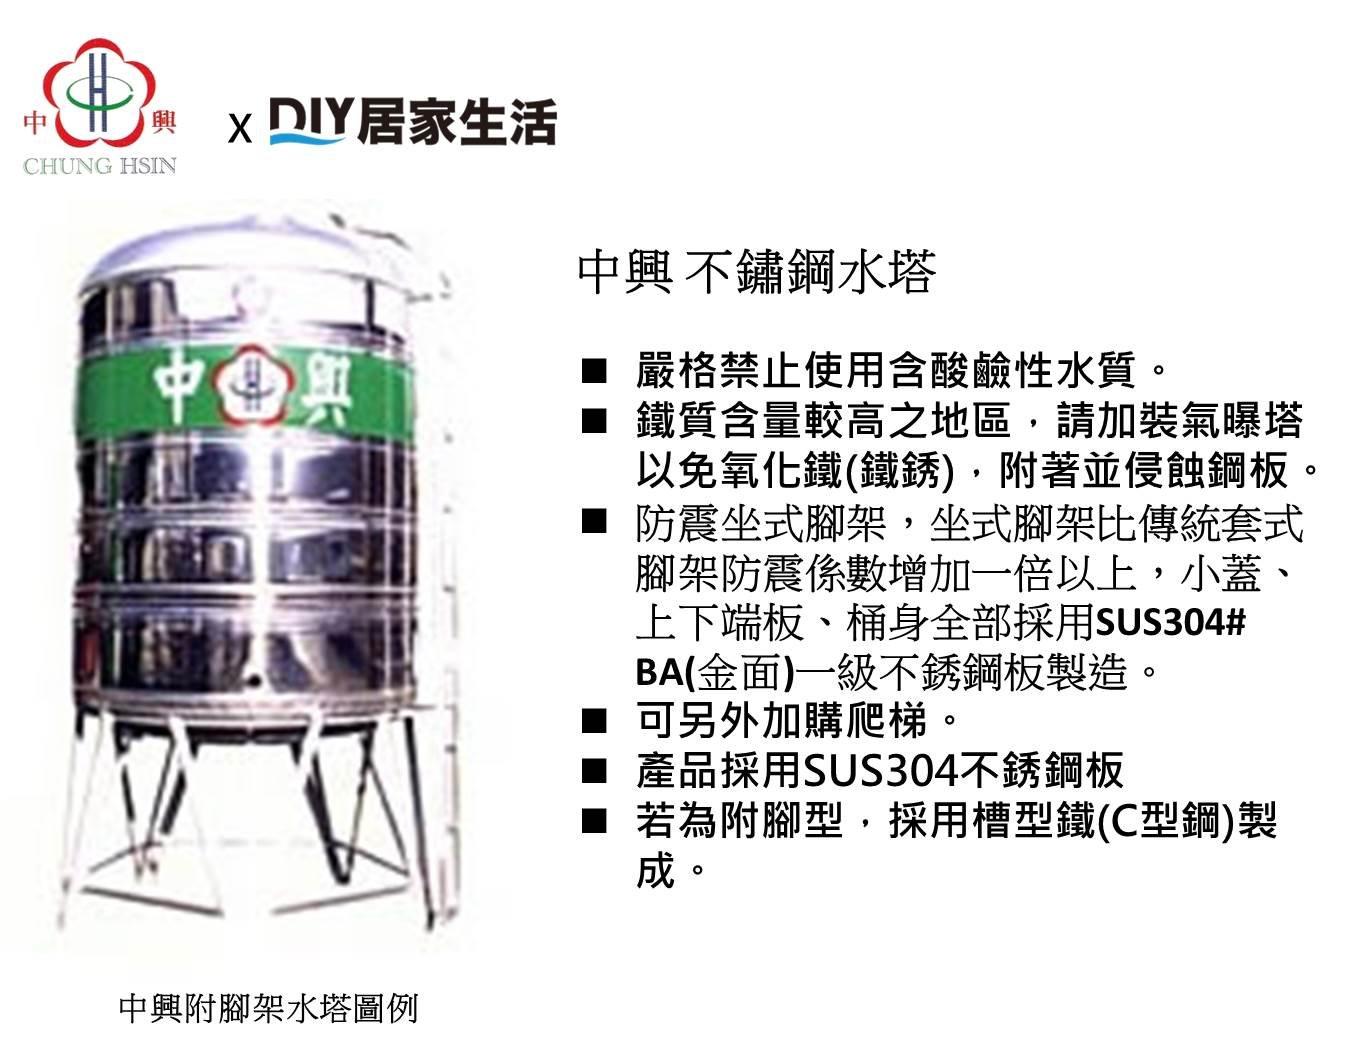 ※水塔專賣※中興水塔 不銹鋼水塔 附腳架 厚度1.0m/m 10000L 10噸